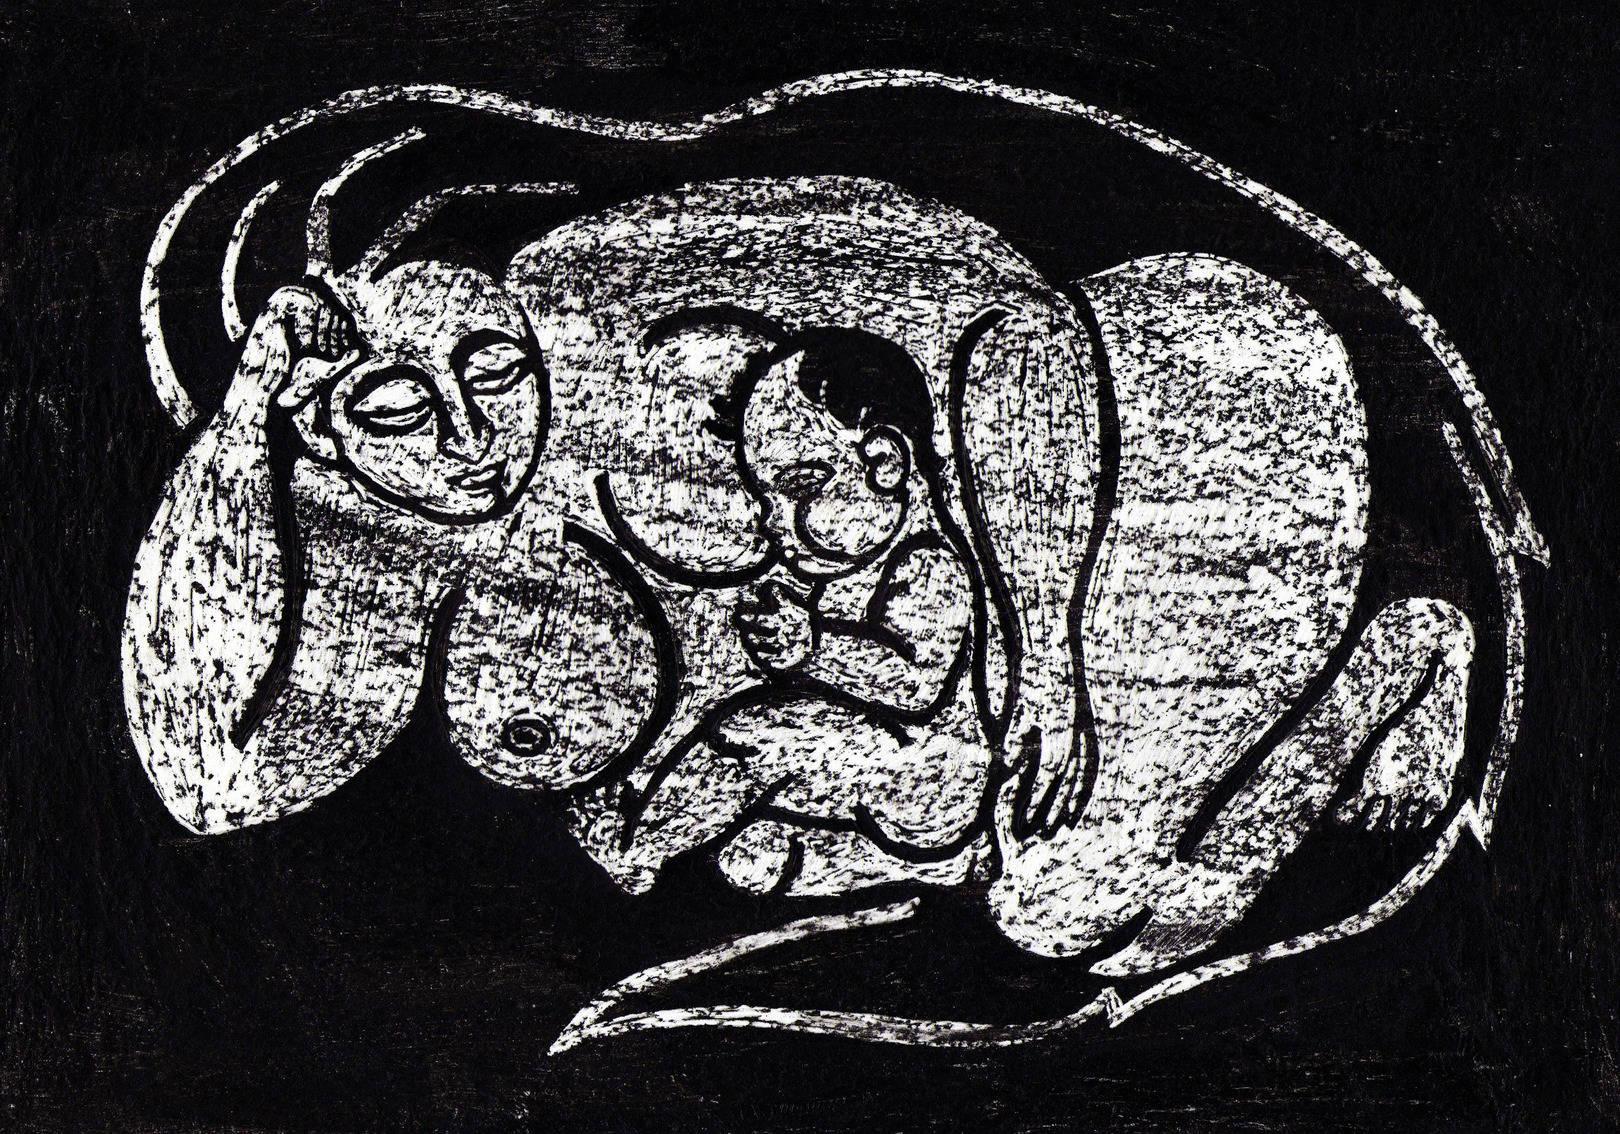 Материнство серия графических работ